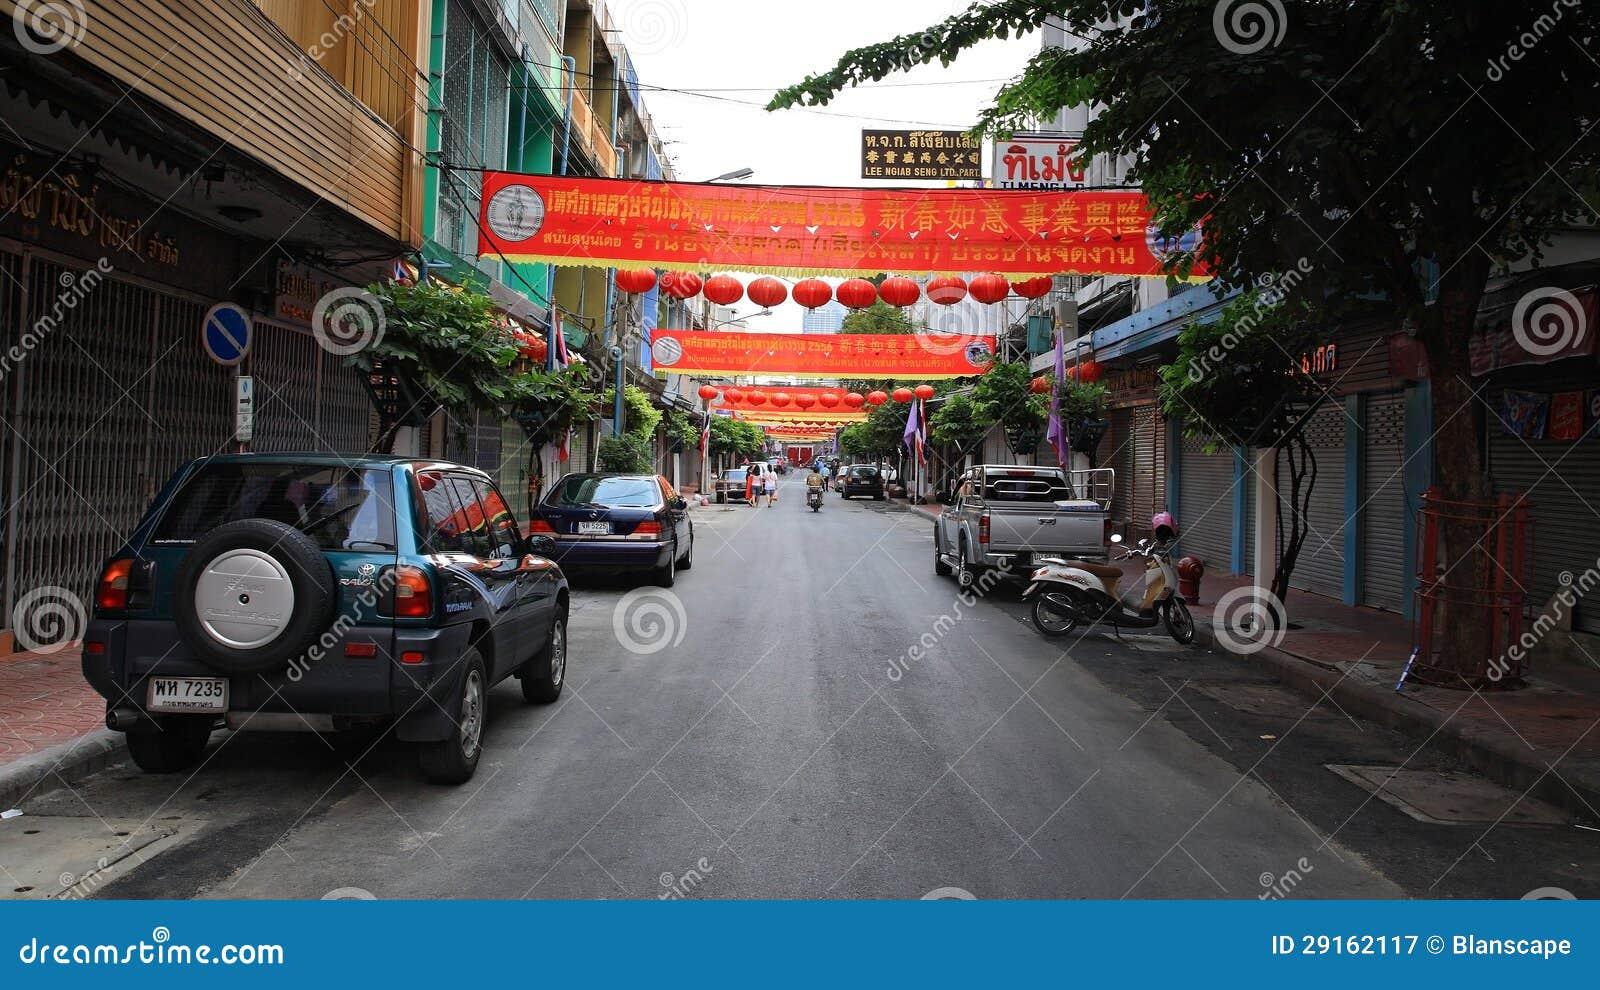 Decorazioni Con Lanterne Cinesi : La decorazione cinese delle lanterne rosse al villaggio nella